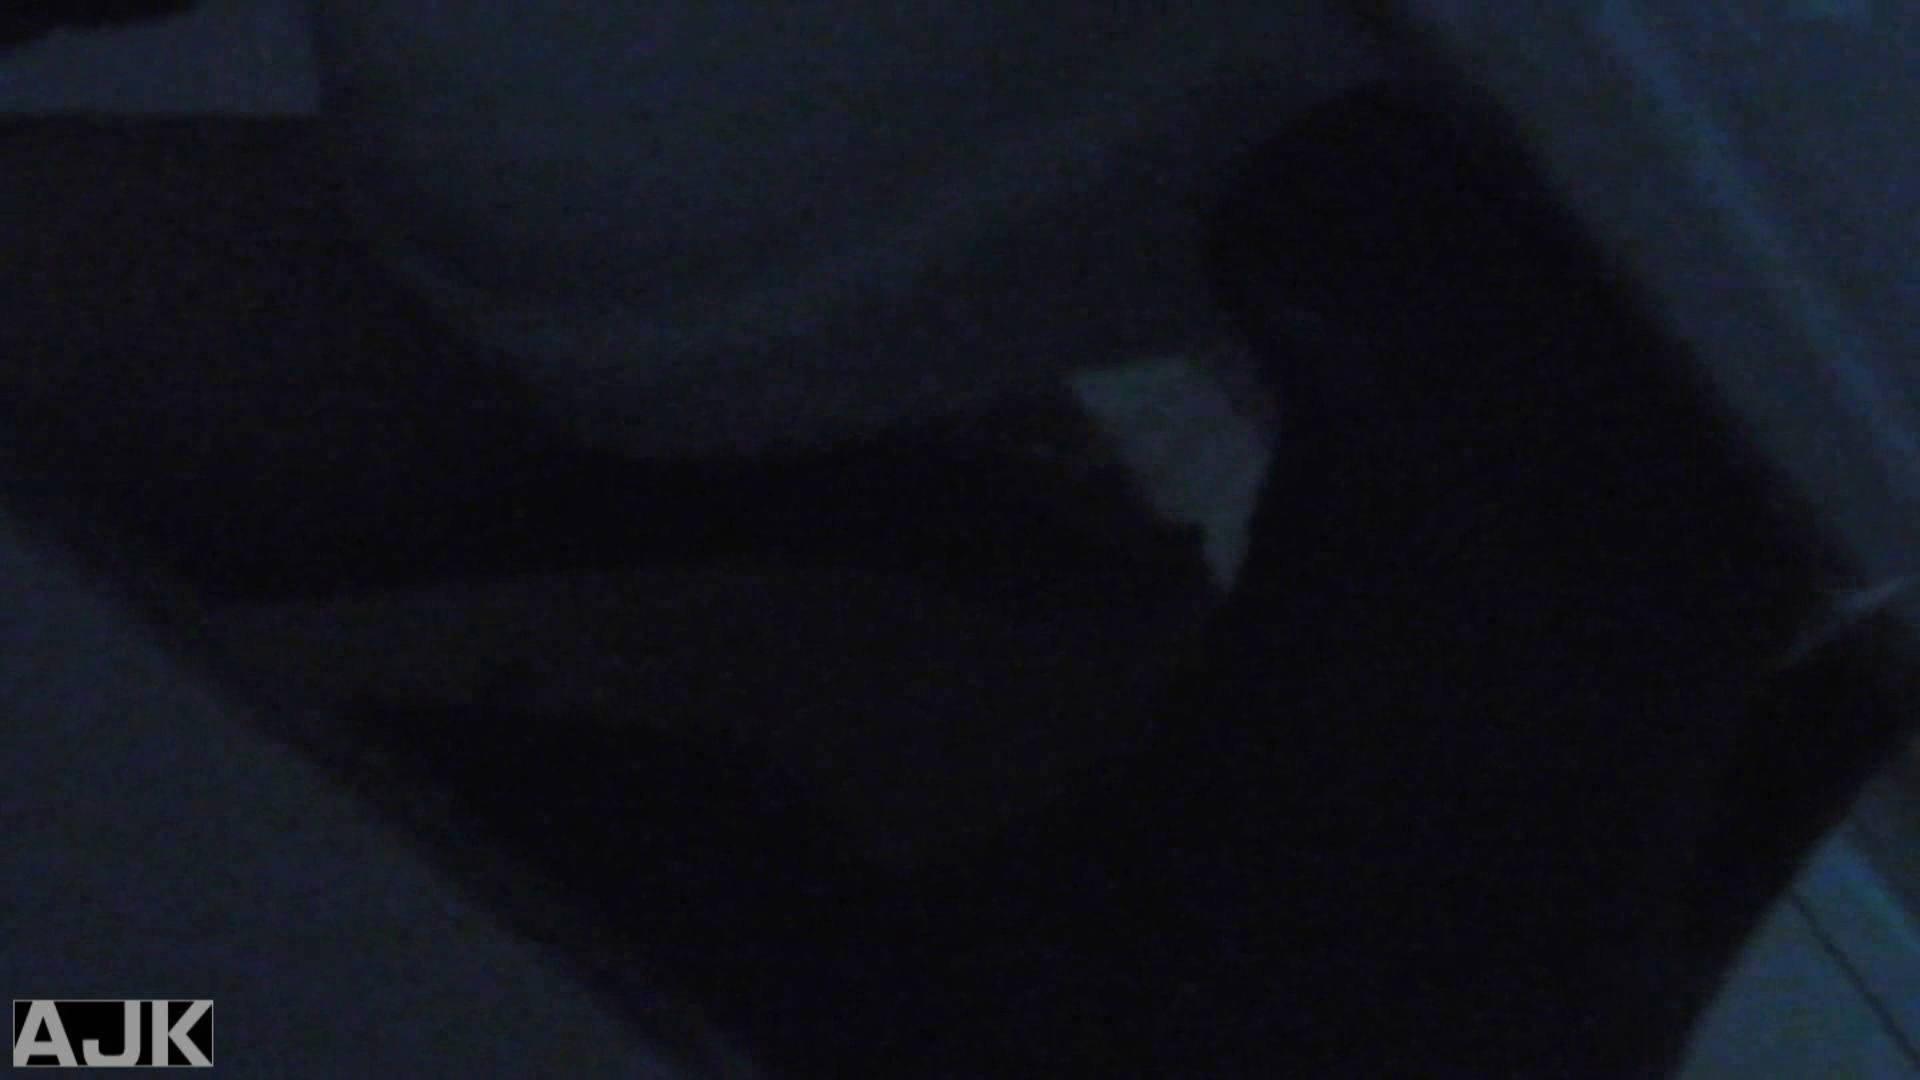 神降臨!史上最強の潜入かわや! vol.05 肛門流出 おまんこ無修正動画無料 92連発 55